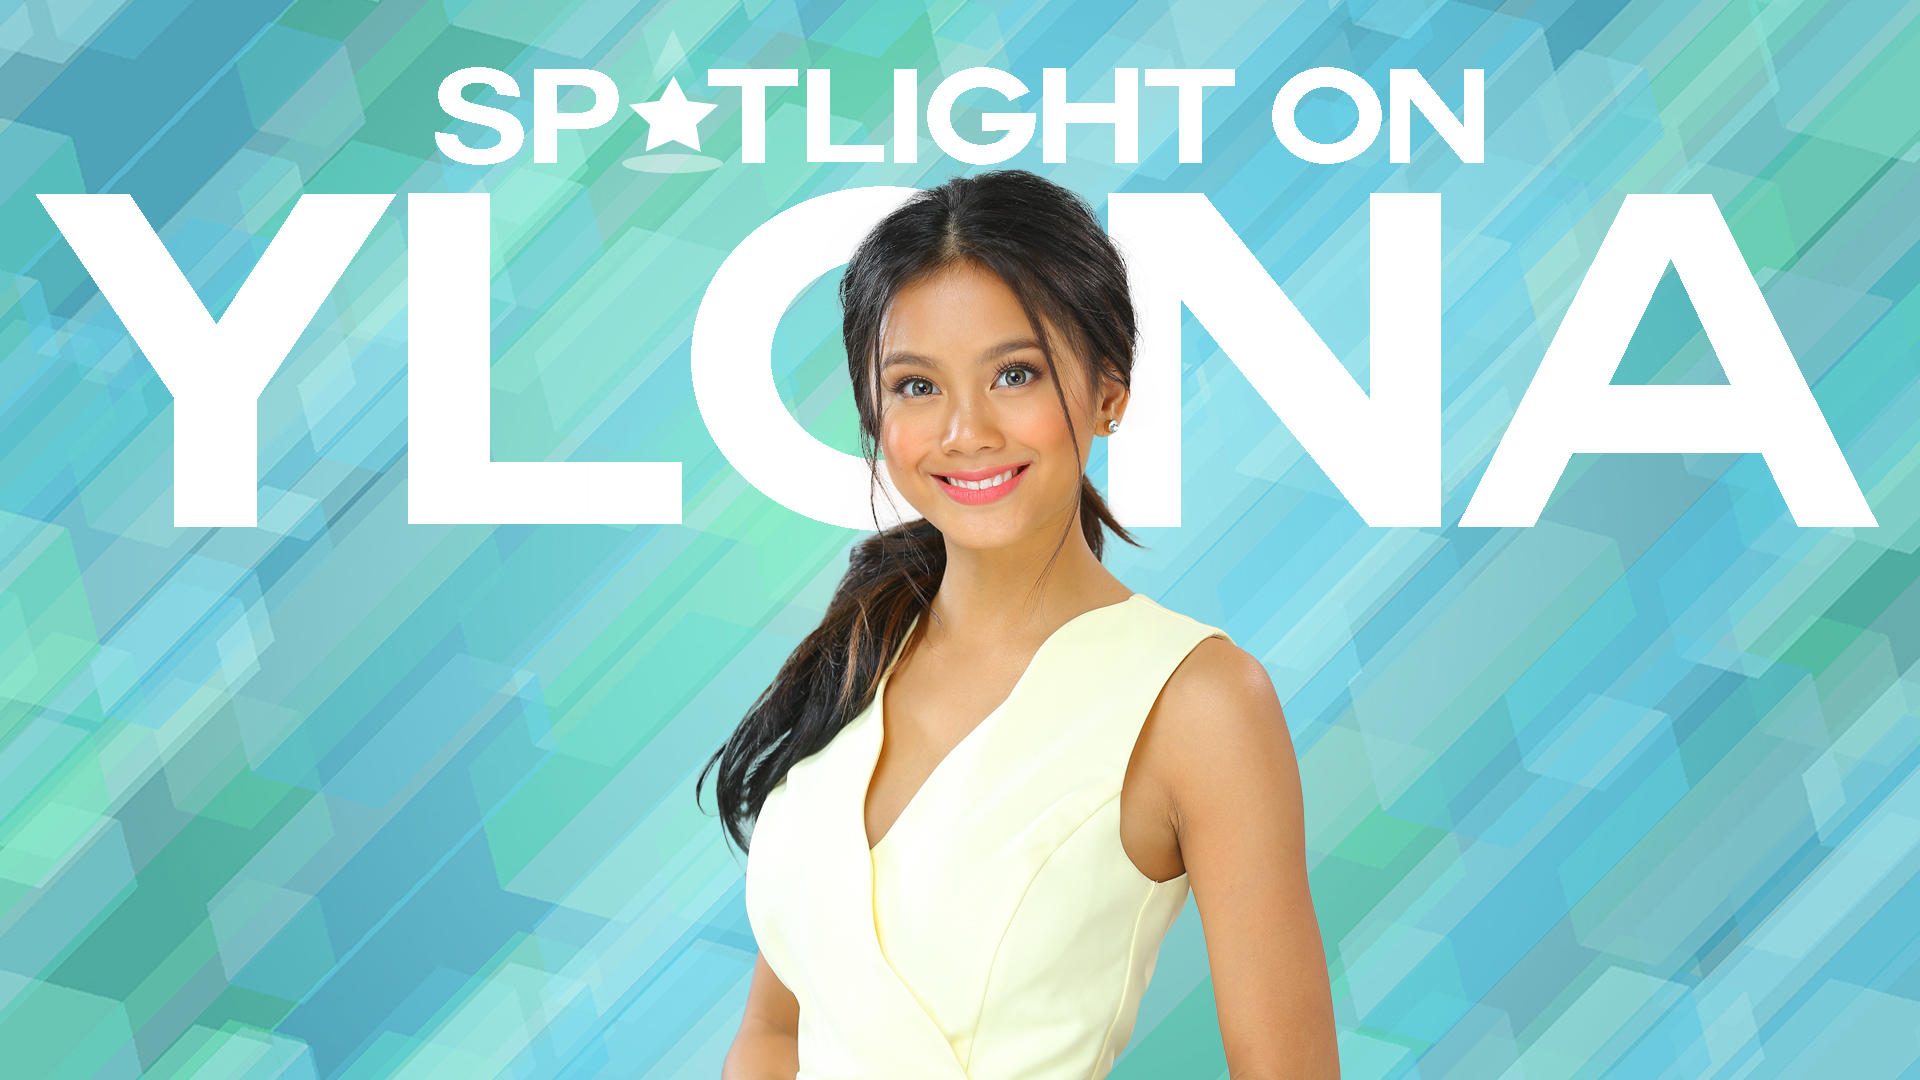 Spotlight on Ylona Post 8